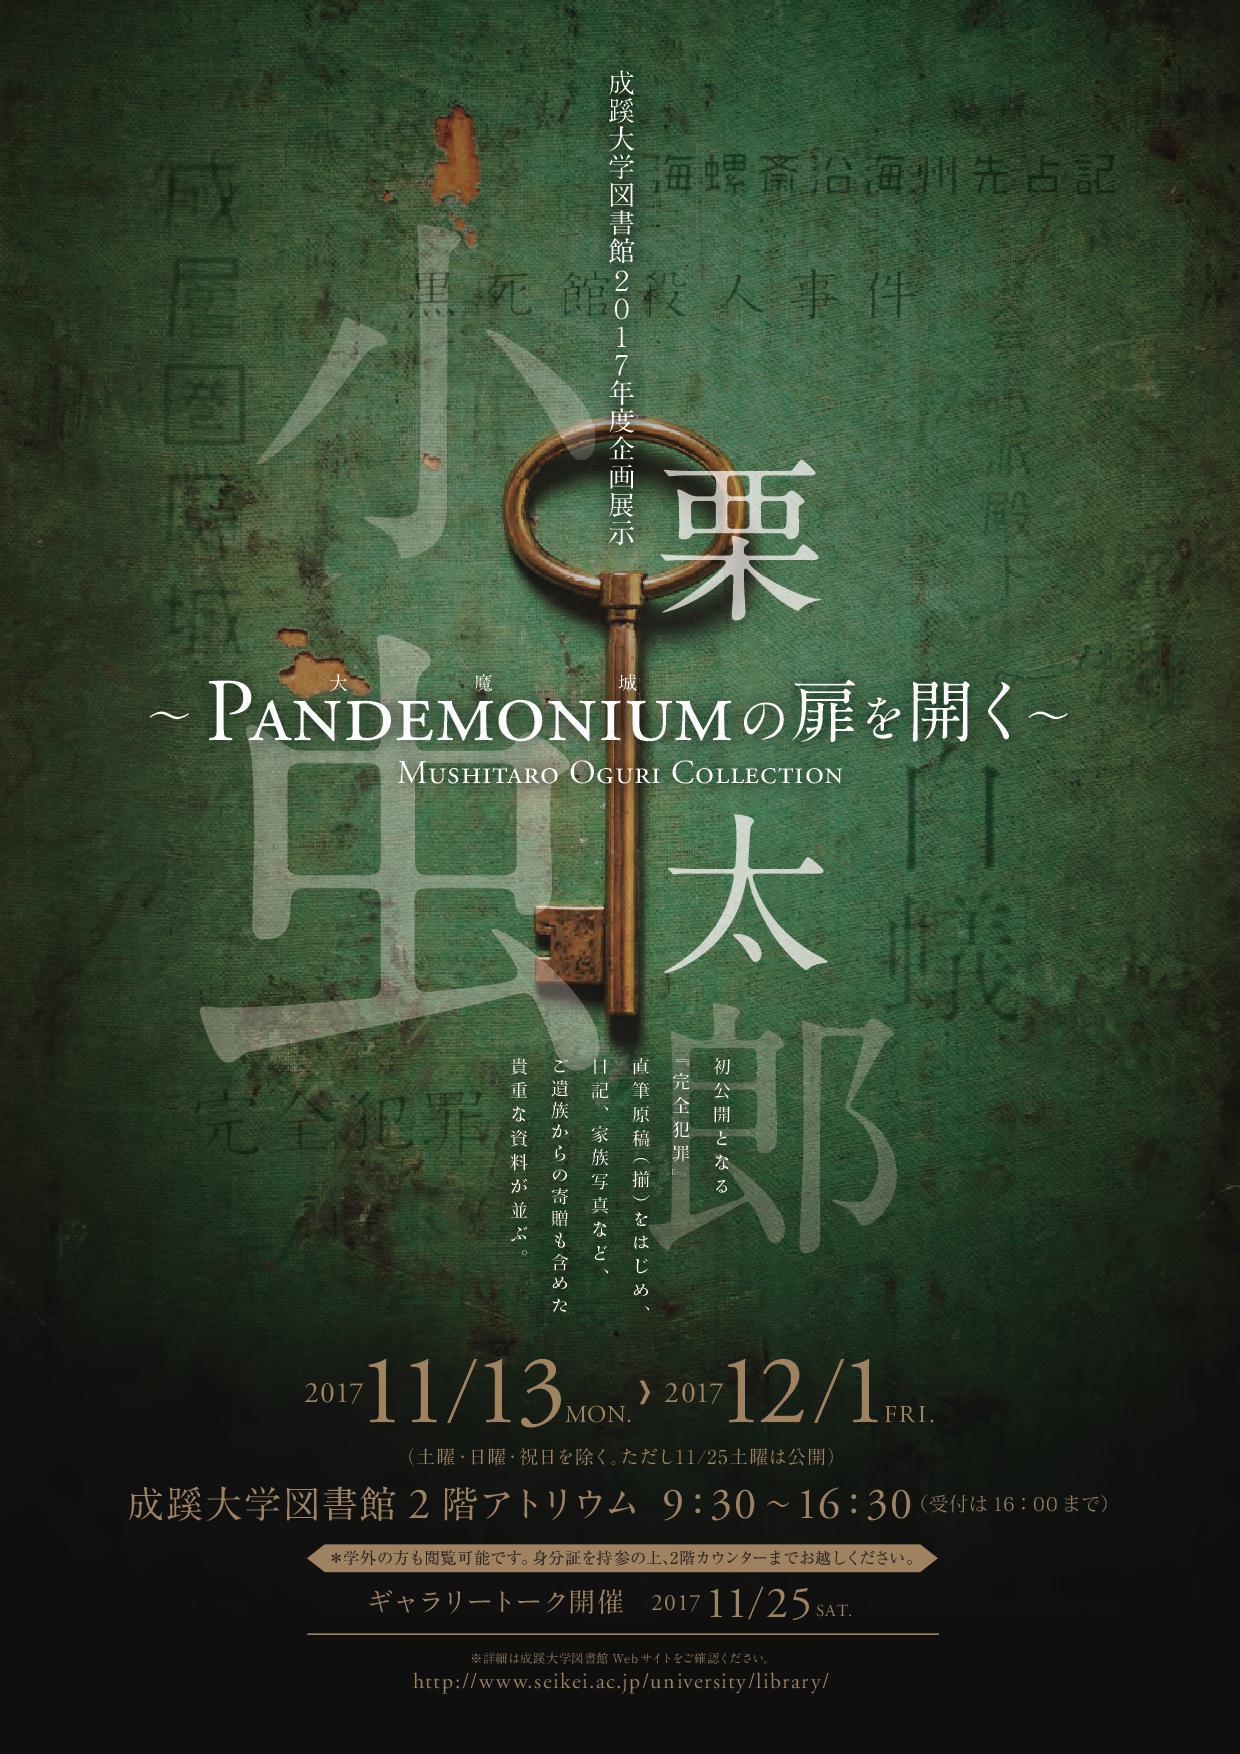 成蹊大学が11月13日から図書館企画展示「小栗虫太郎-PANDEMONIUM(大魔城)の扉を開く-」を開催 -- 初公開の直筆原稿を含む貴重な資料を展示